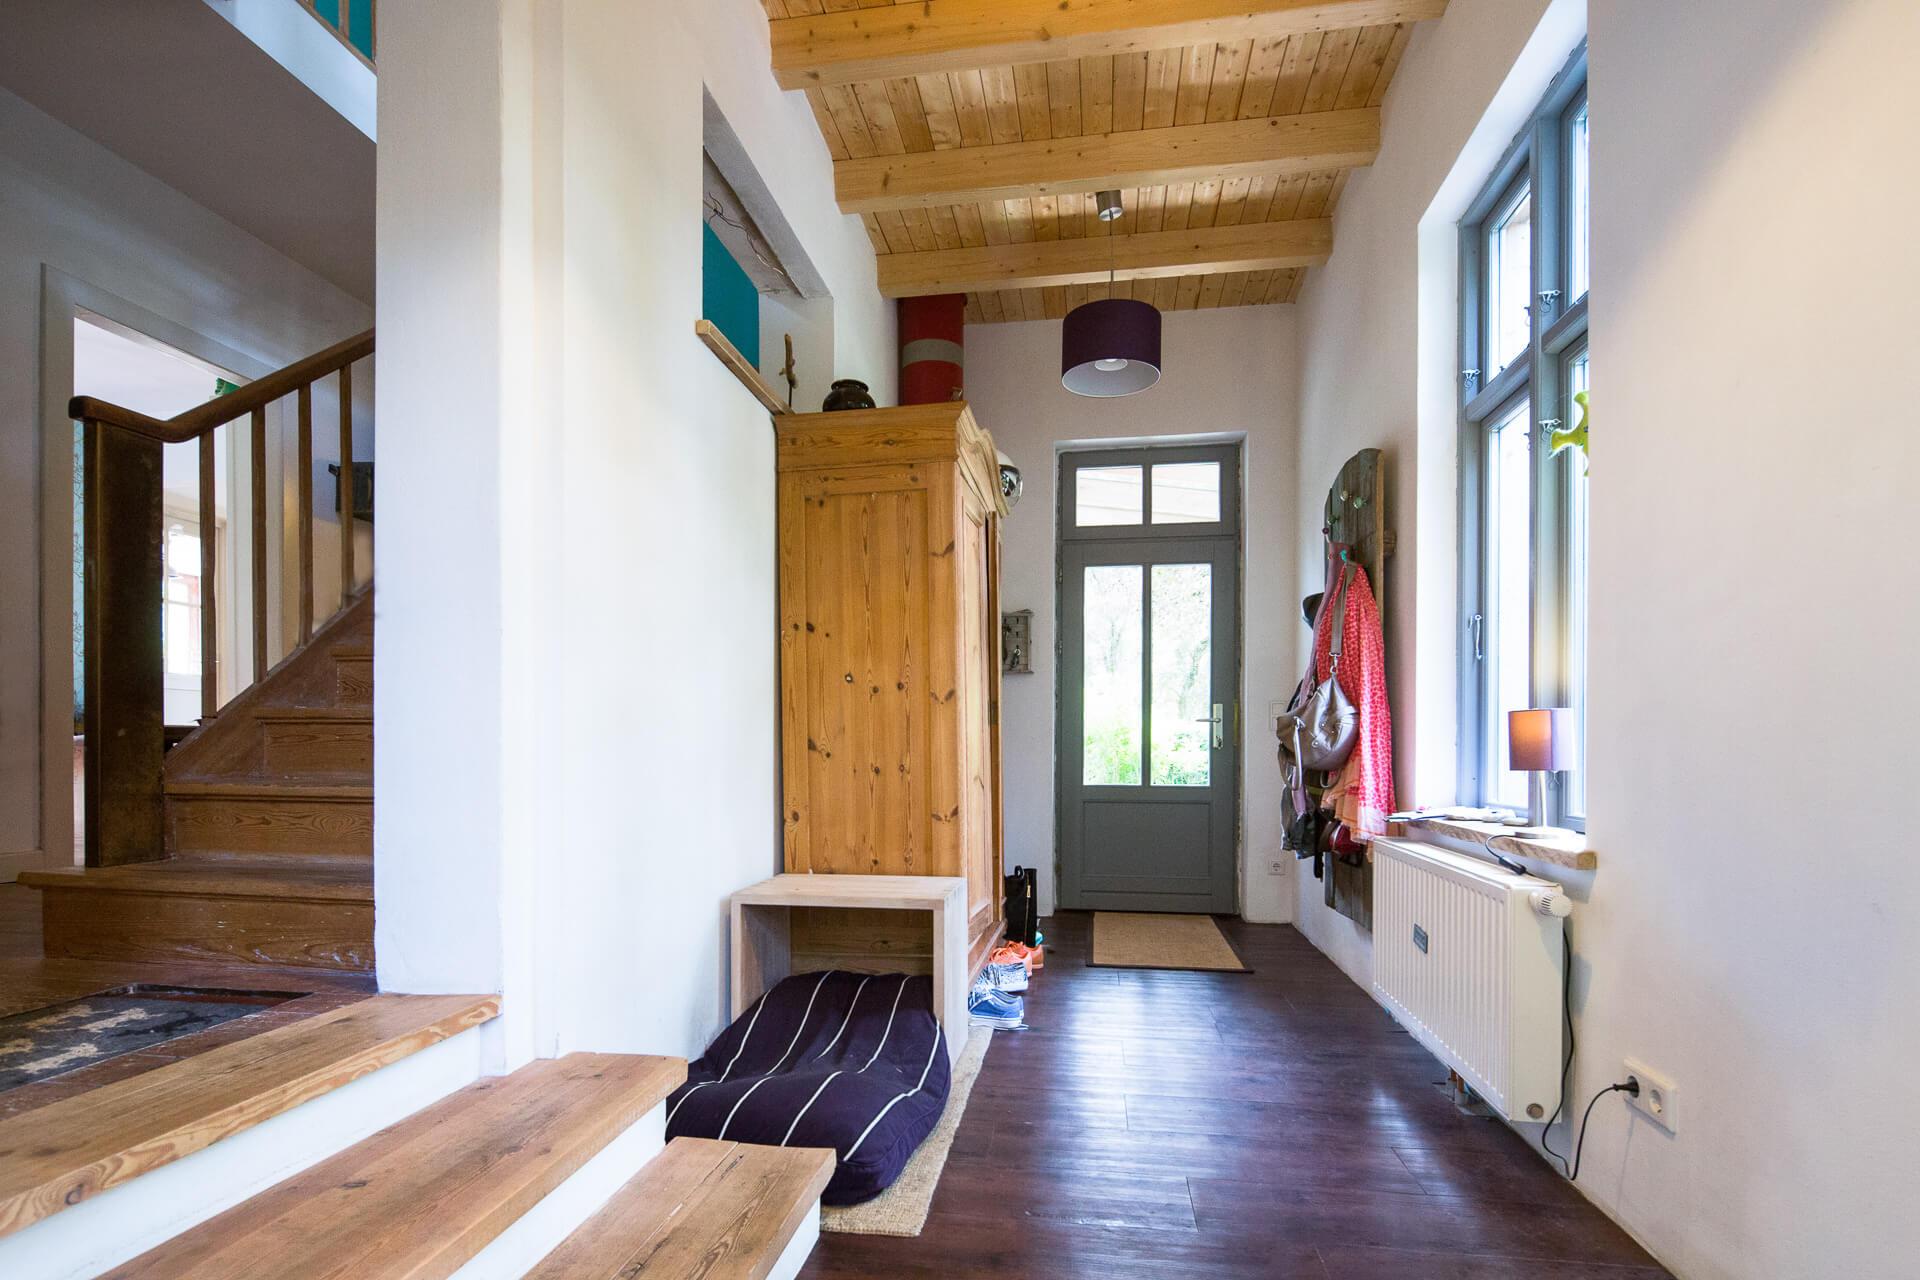 Foto Ryan Baugestaltung Anbau Volksdorf Innenansicht Flur und Eingangsbereich mit Holztreppe